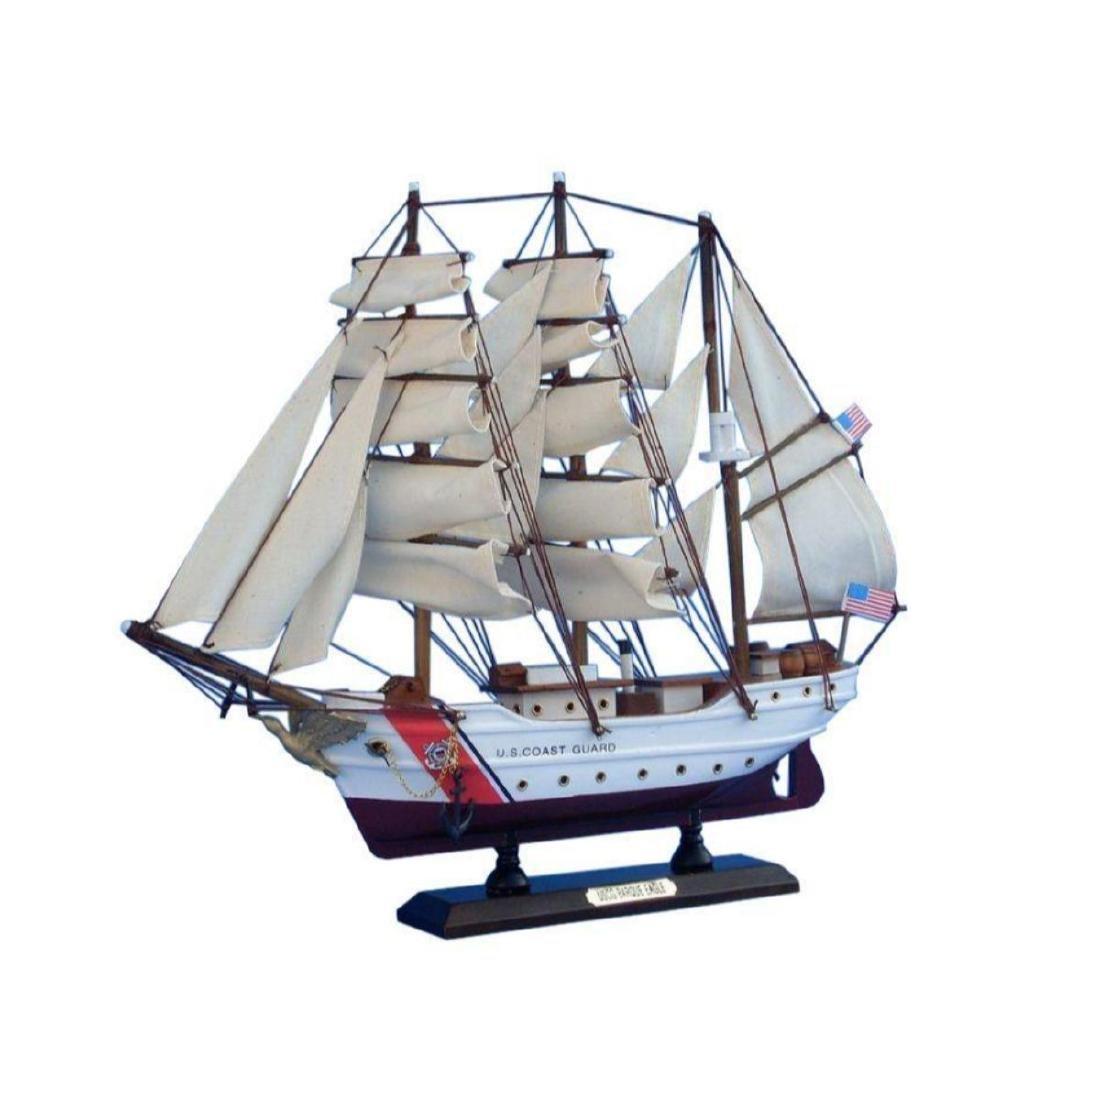 Wooden United States Coast Guard USCG Eagle Model Ship